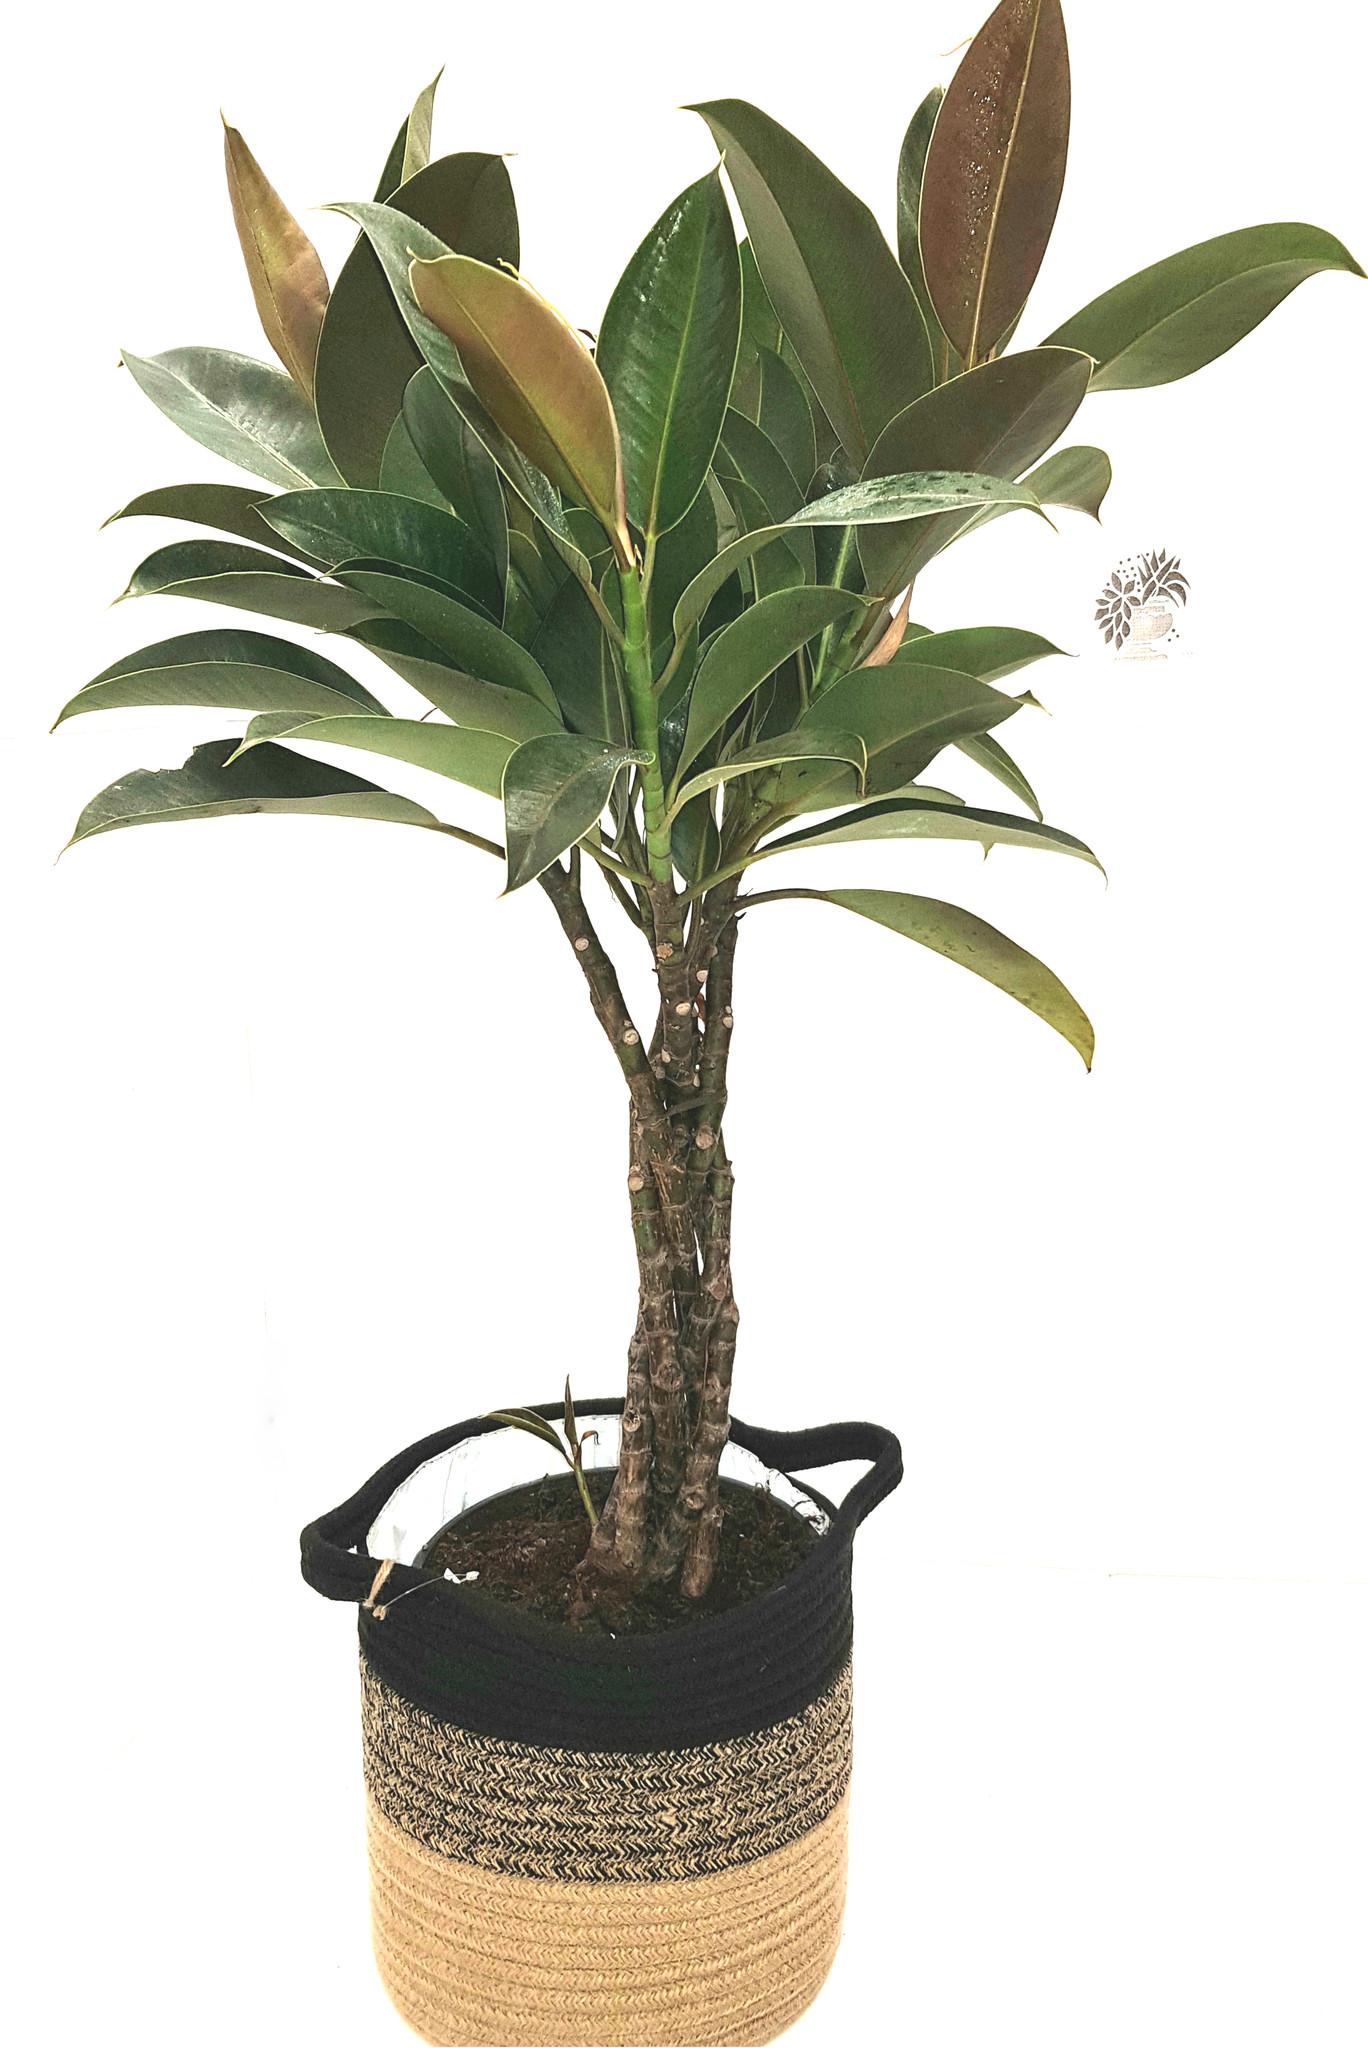 Braided stem indoor house ficus elastica rubber plant .